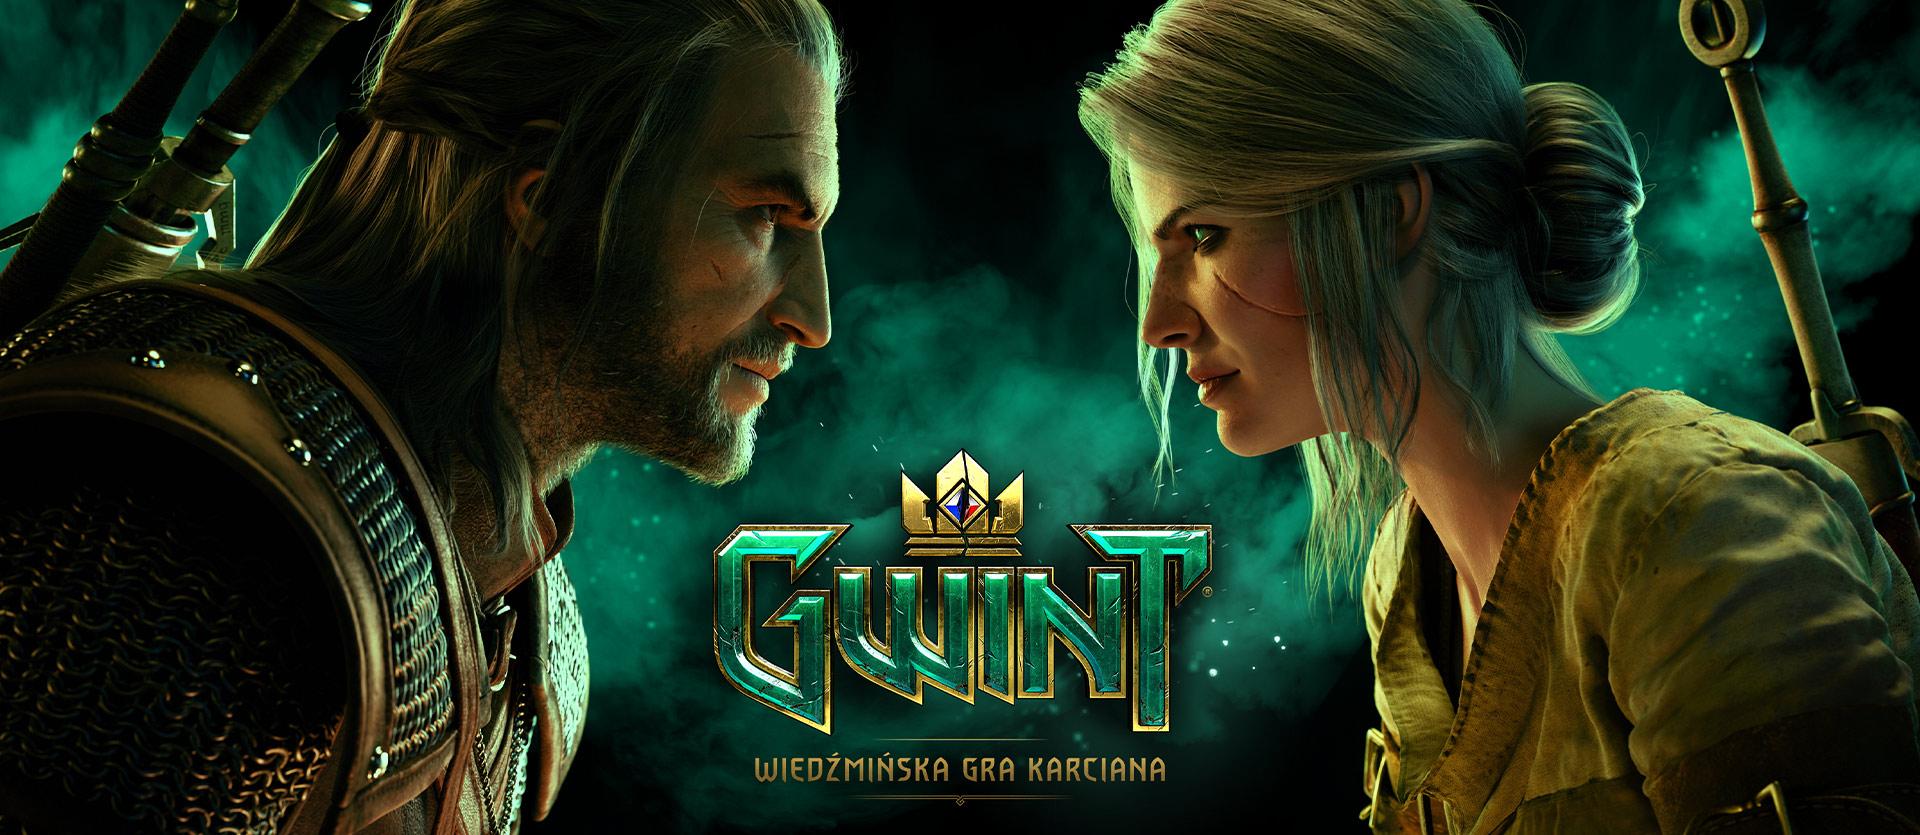 GWINT: Wiedźmińska gra karciana, widok profilu zbliżających się Geralta i Ciri